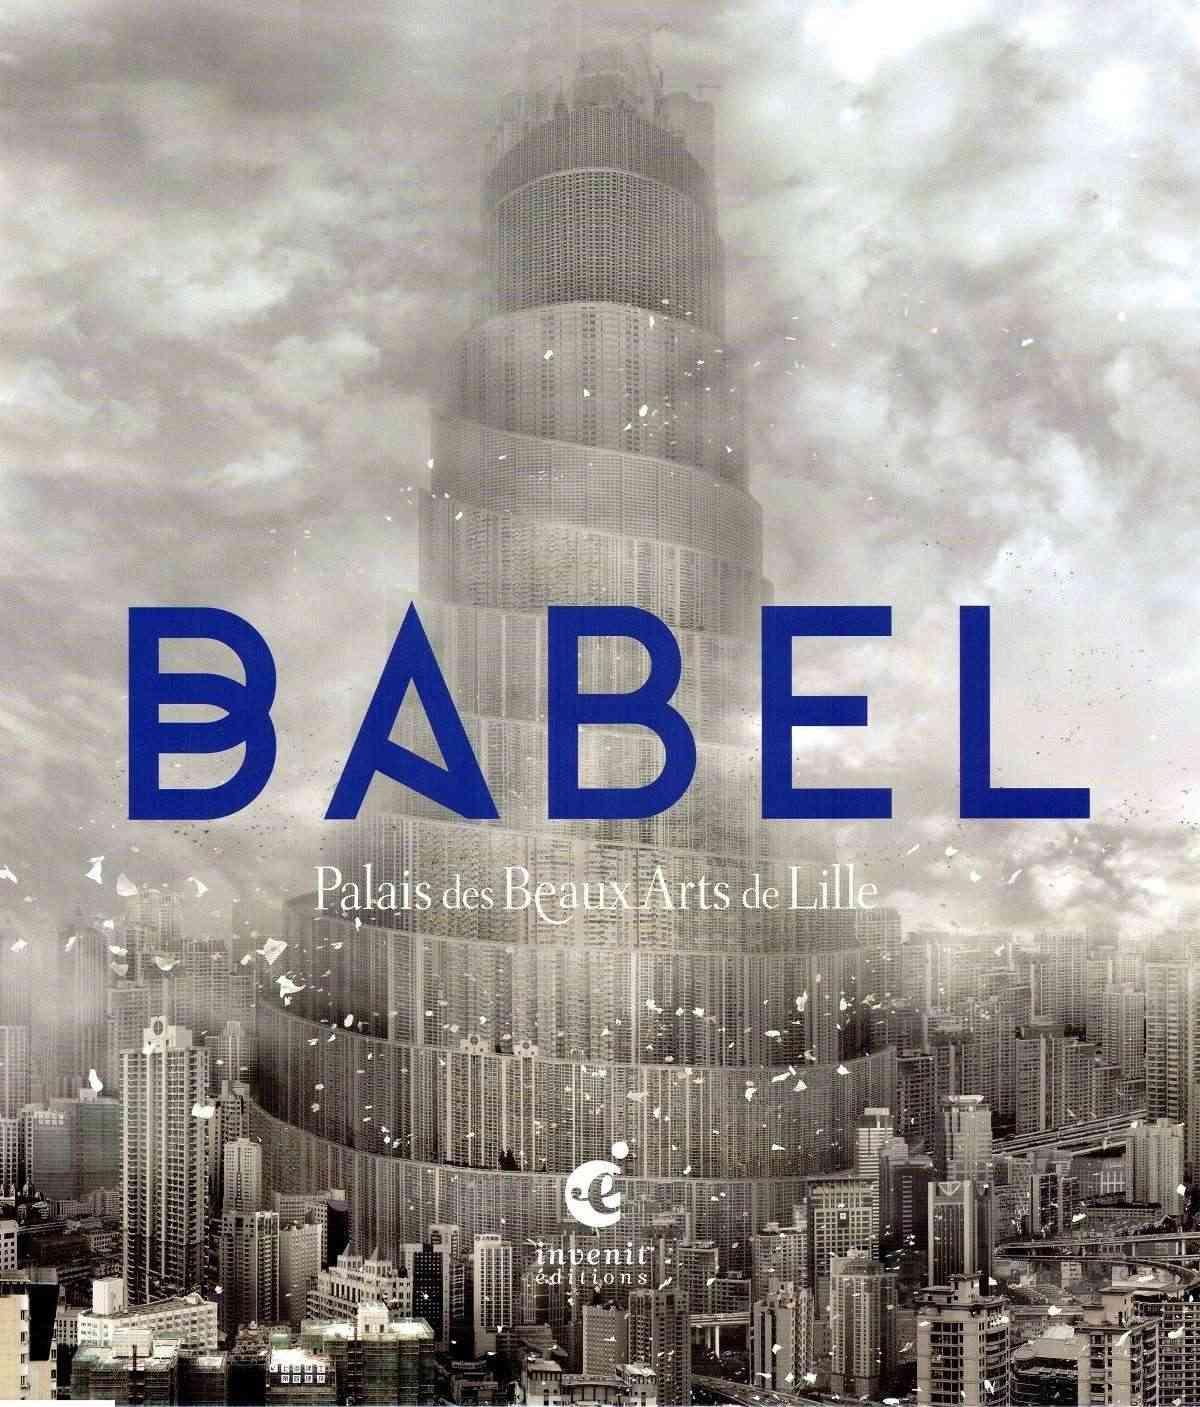 Babel [Palais des Beaux Arts de Lille ] - Page 2 Babel-10